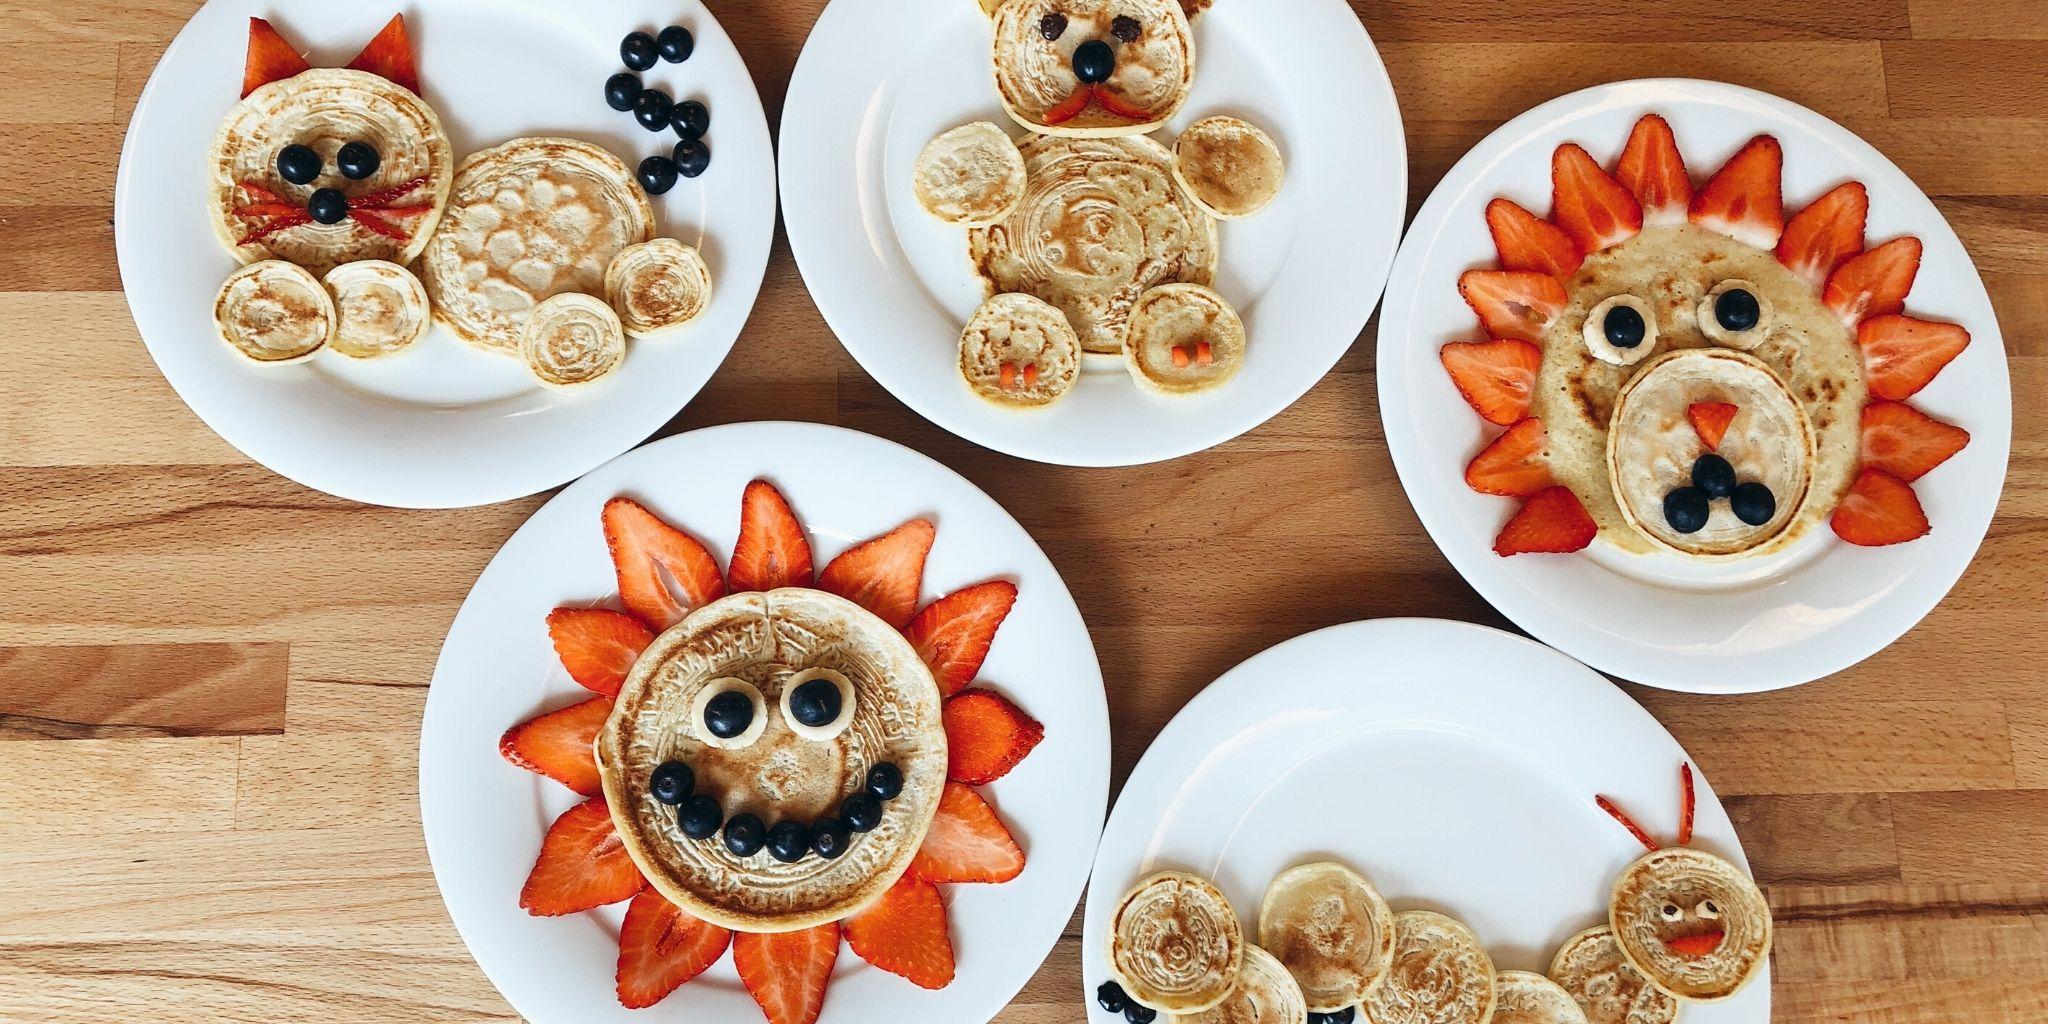 給孩子的健康鬆餅食譜